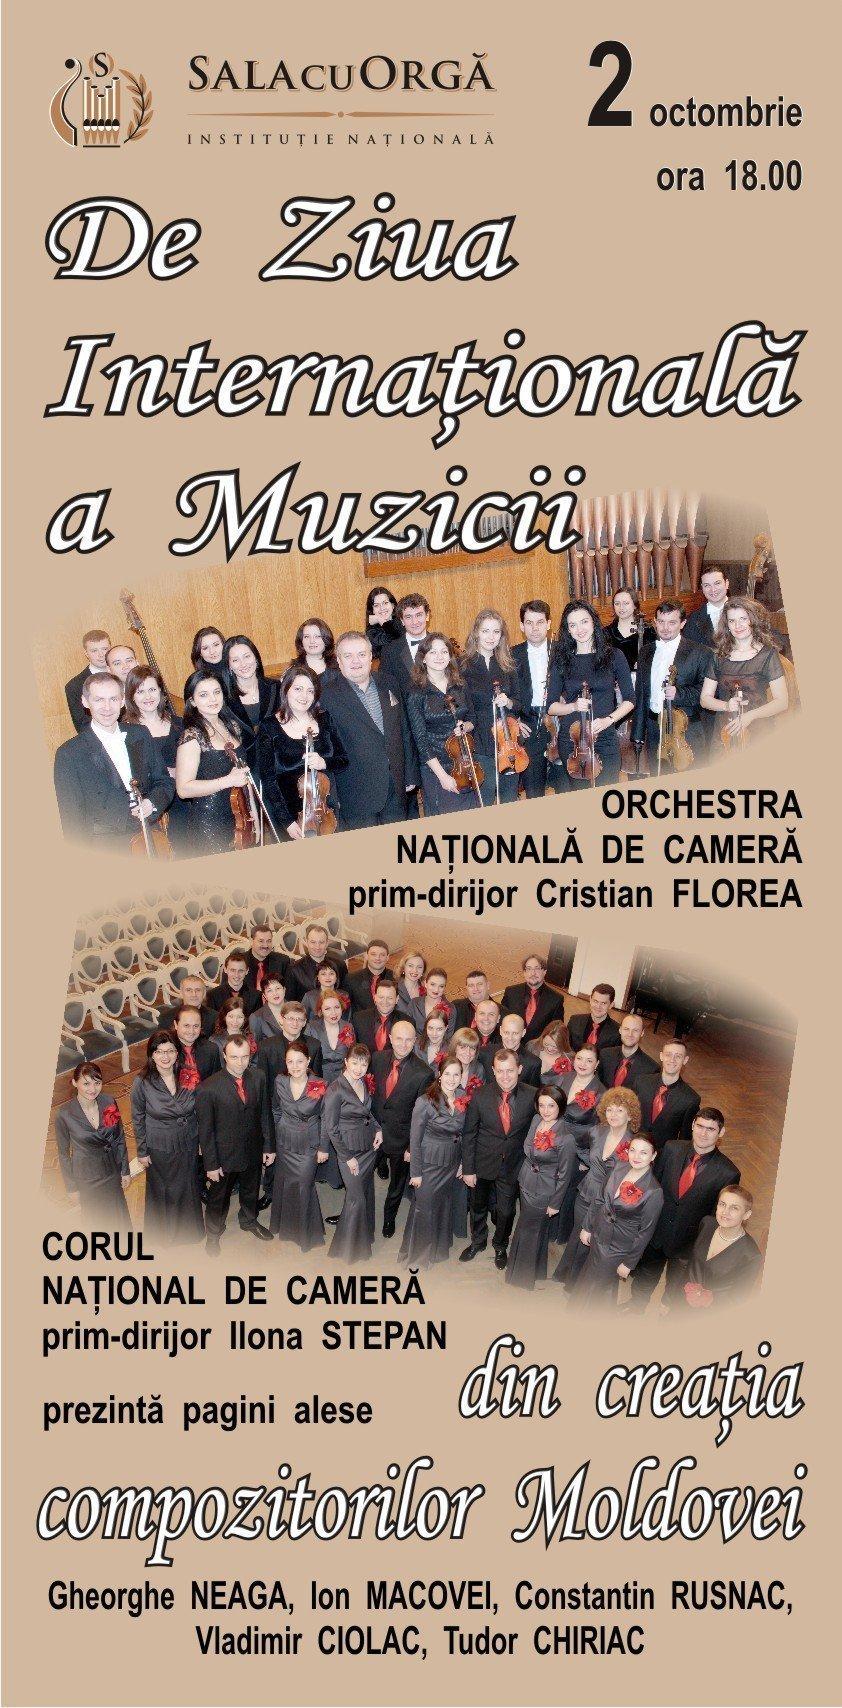 De ziua internationala a muzicii